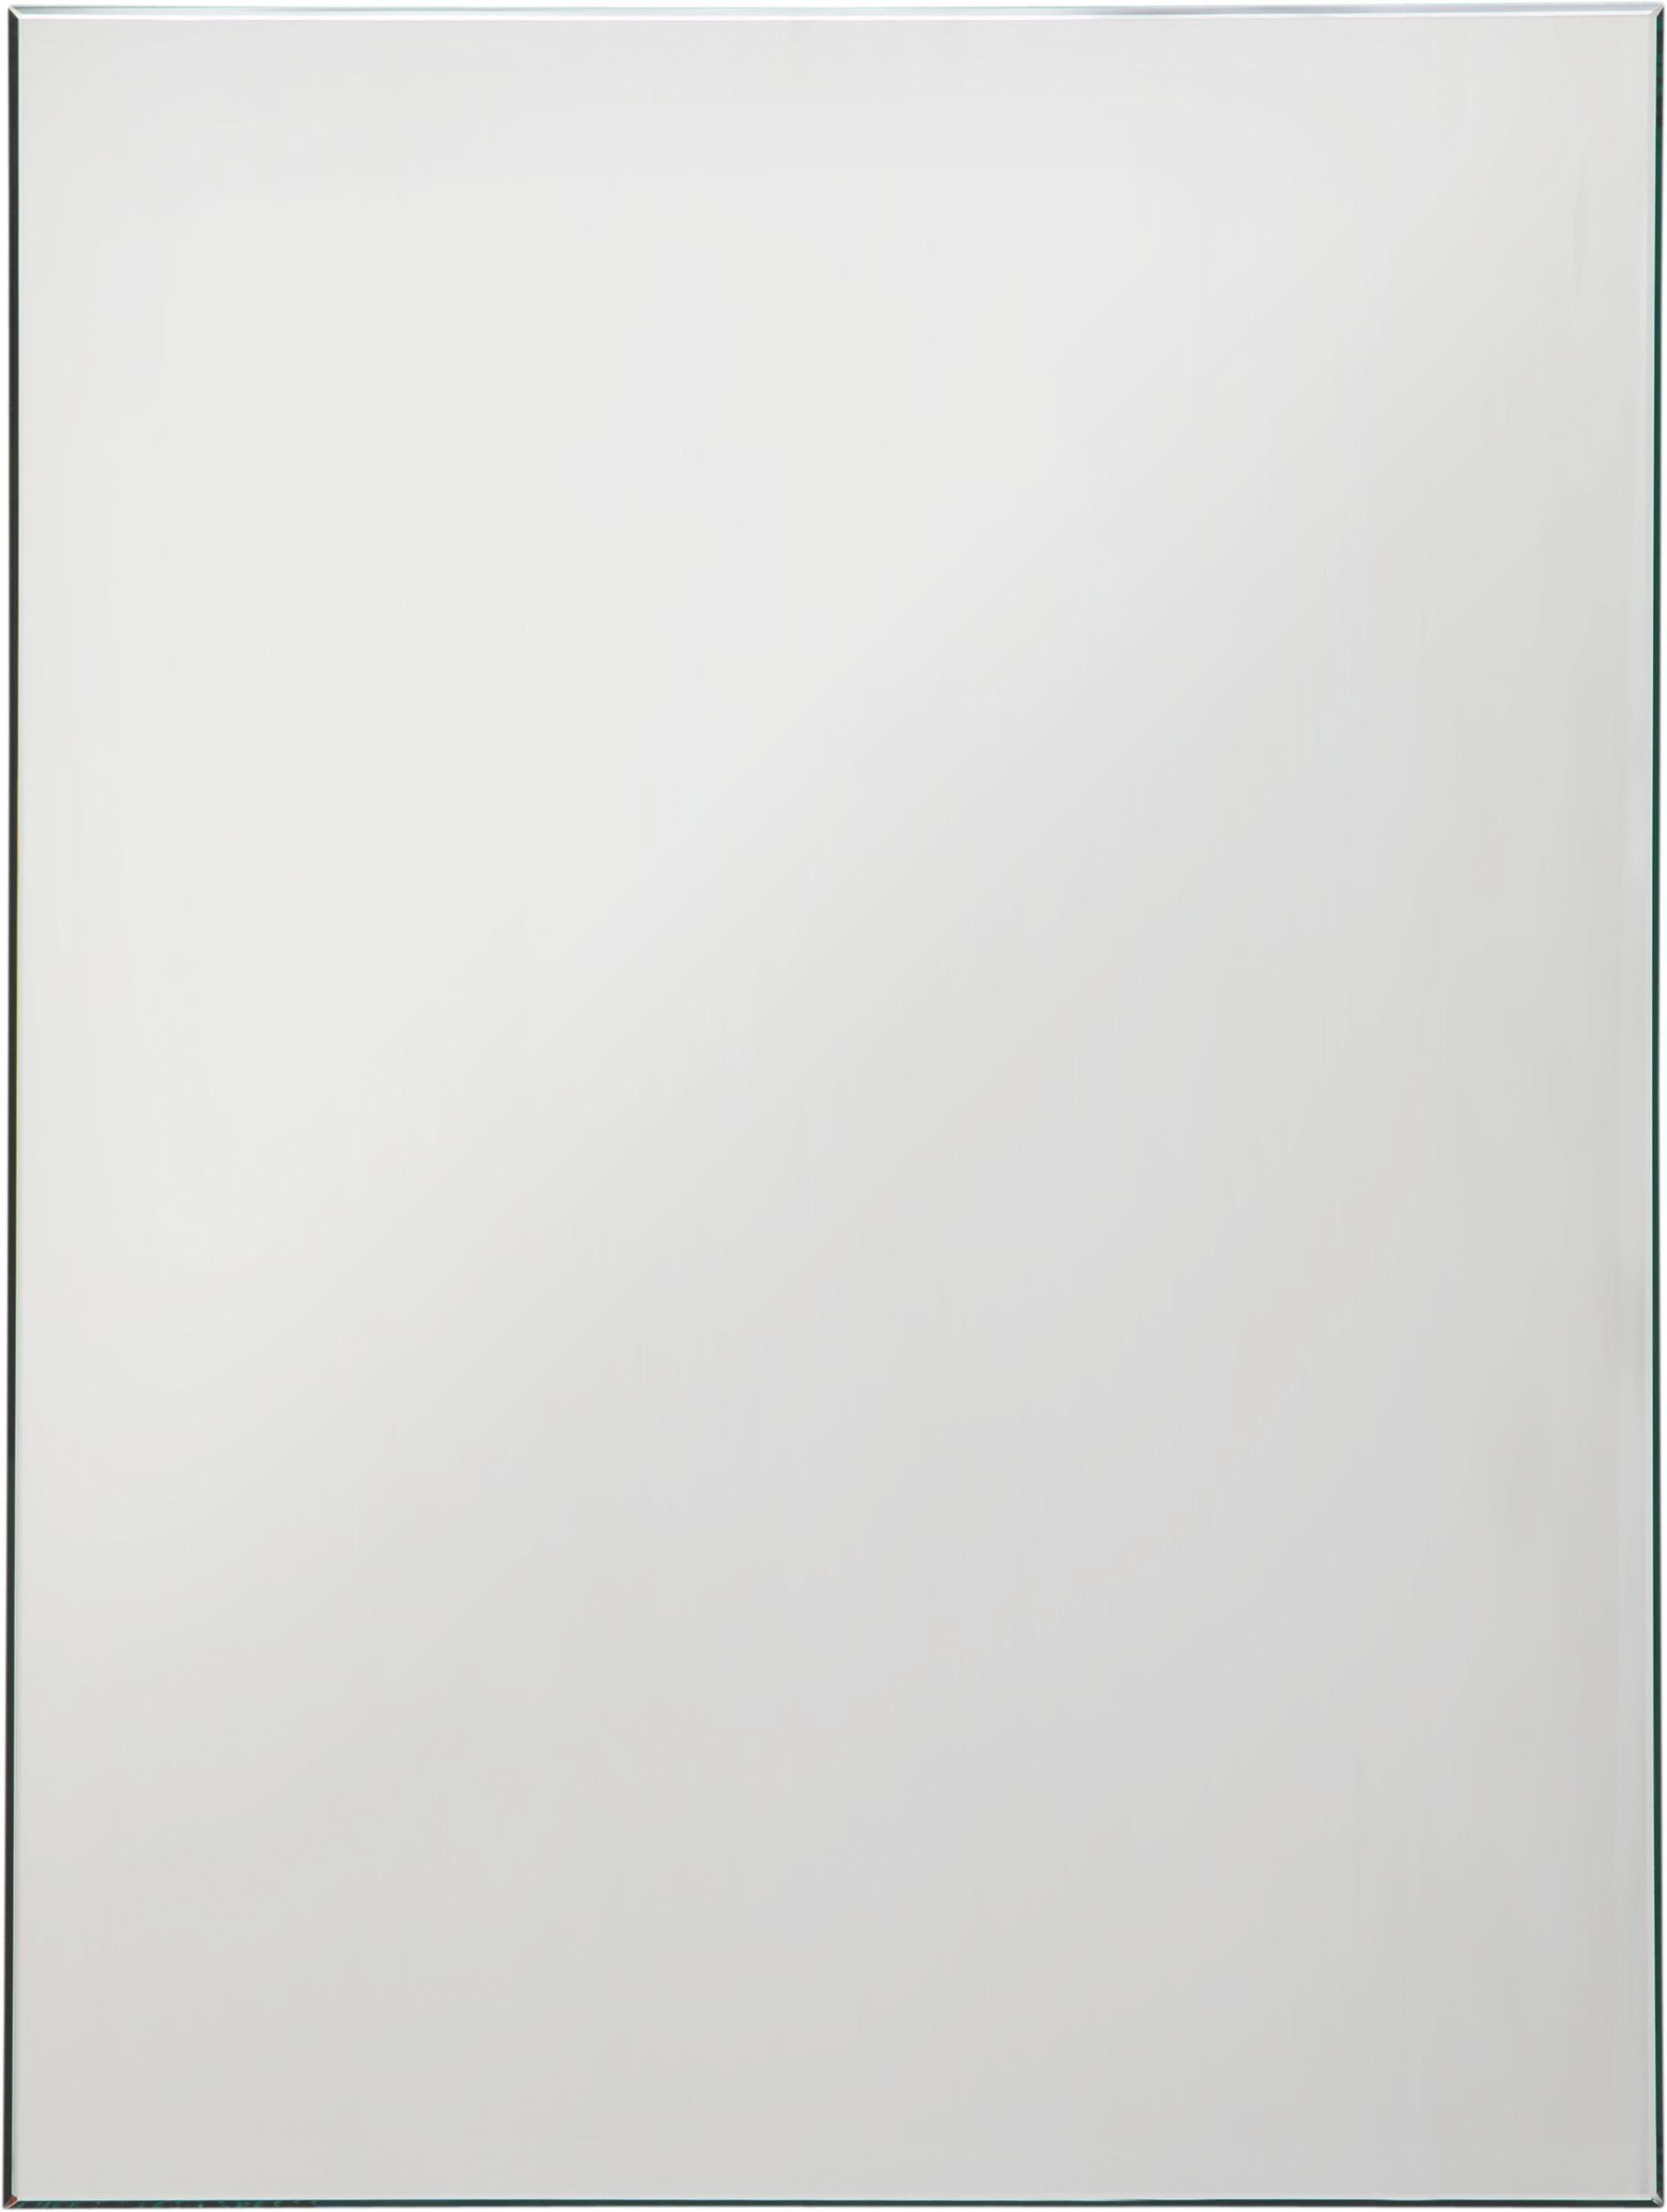 Fazettázott Tükör Messina    -sb- - ezüst színű (45/60cm)